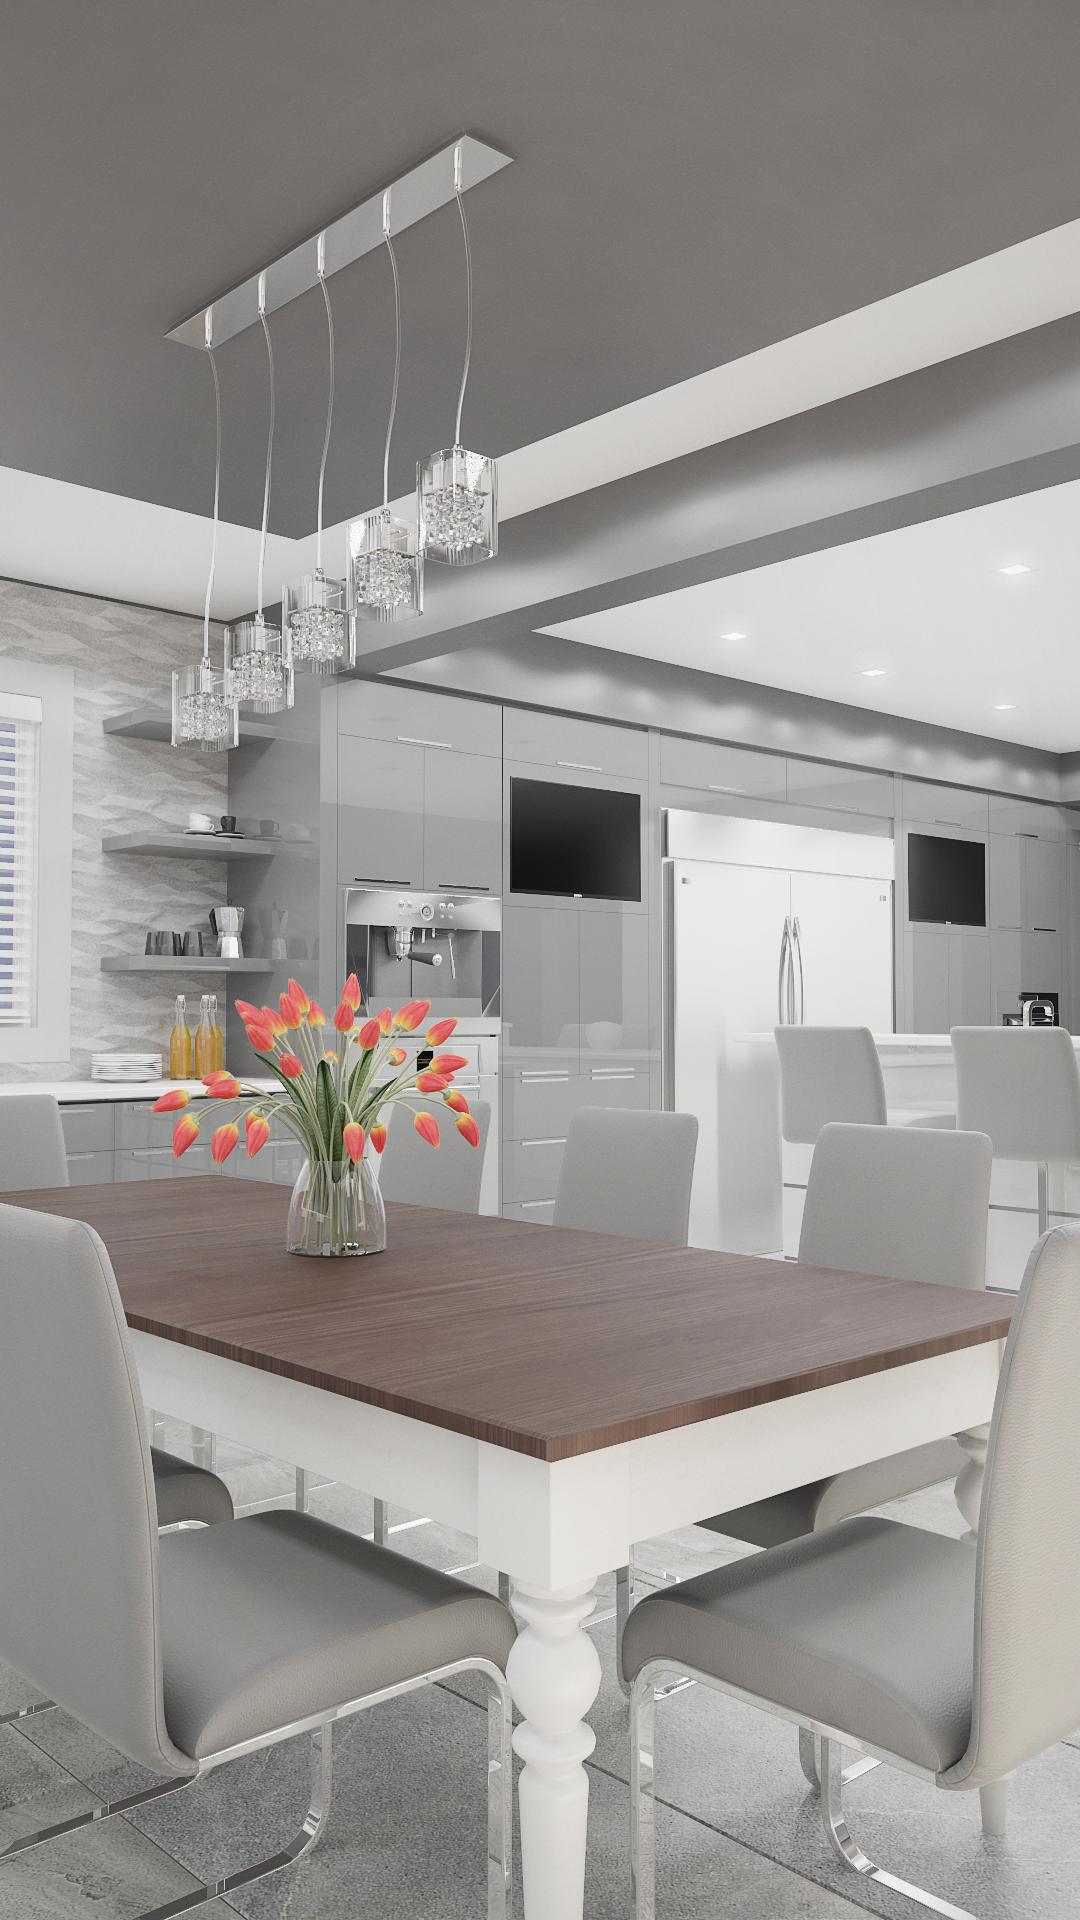 949 Wood_Kitchen_SH02_V4.jpg